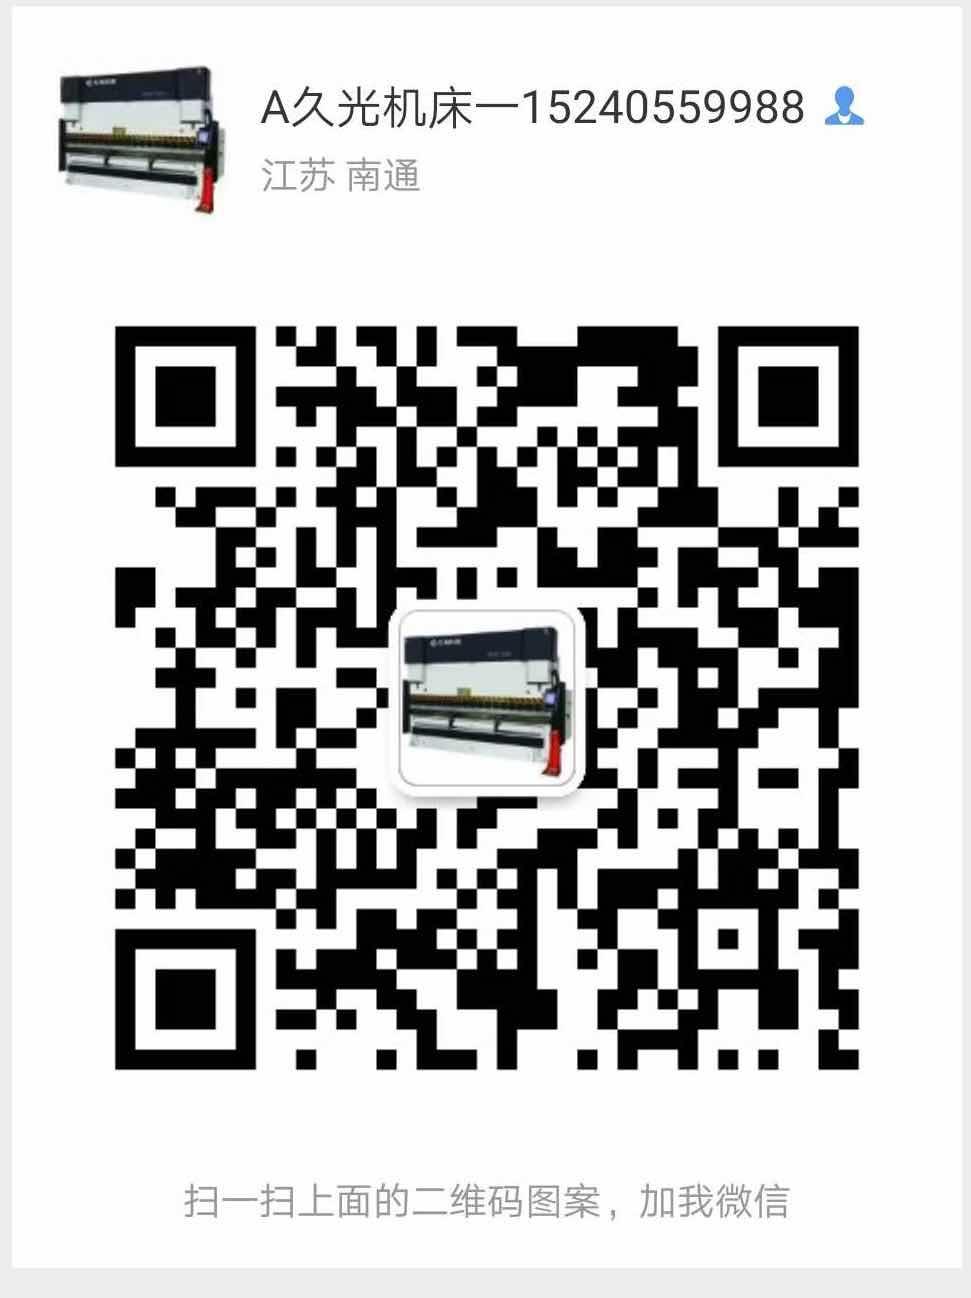 江苏久光机床科技有限公司